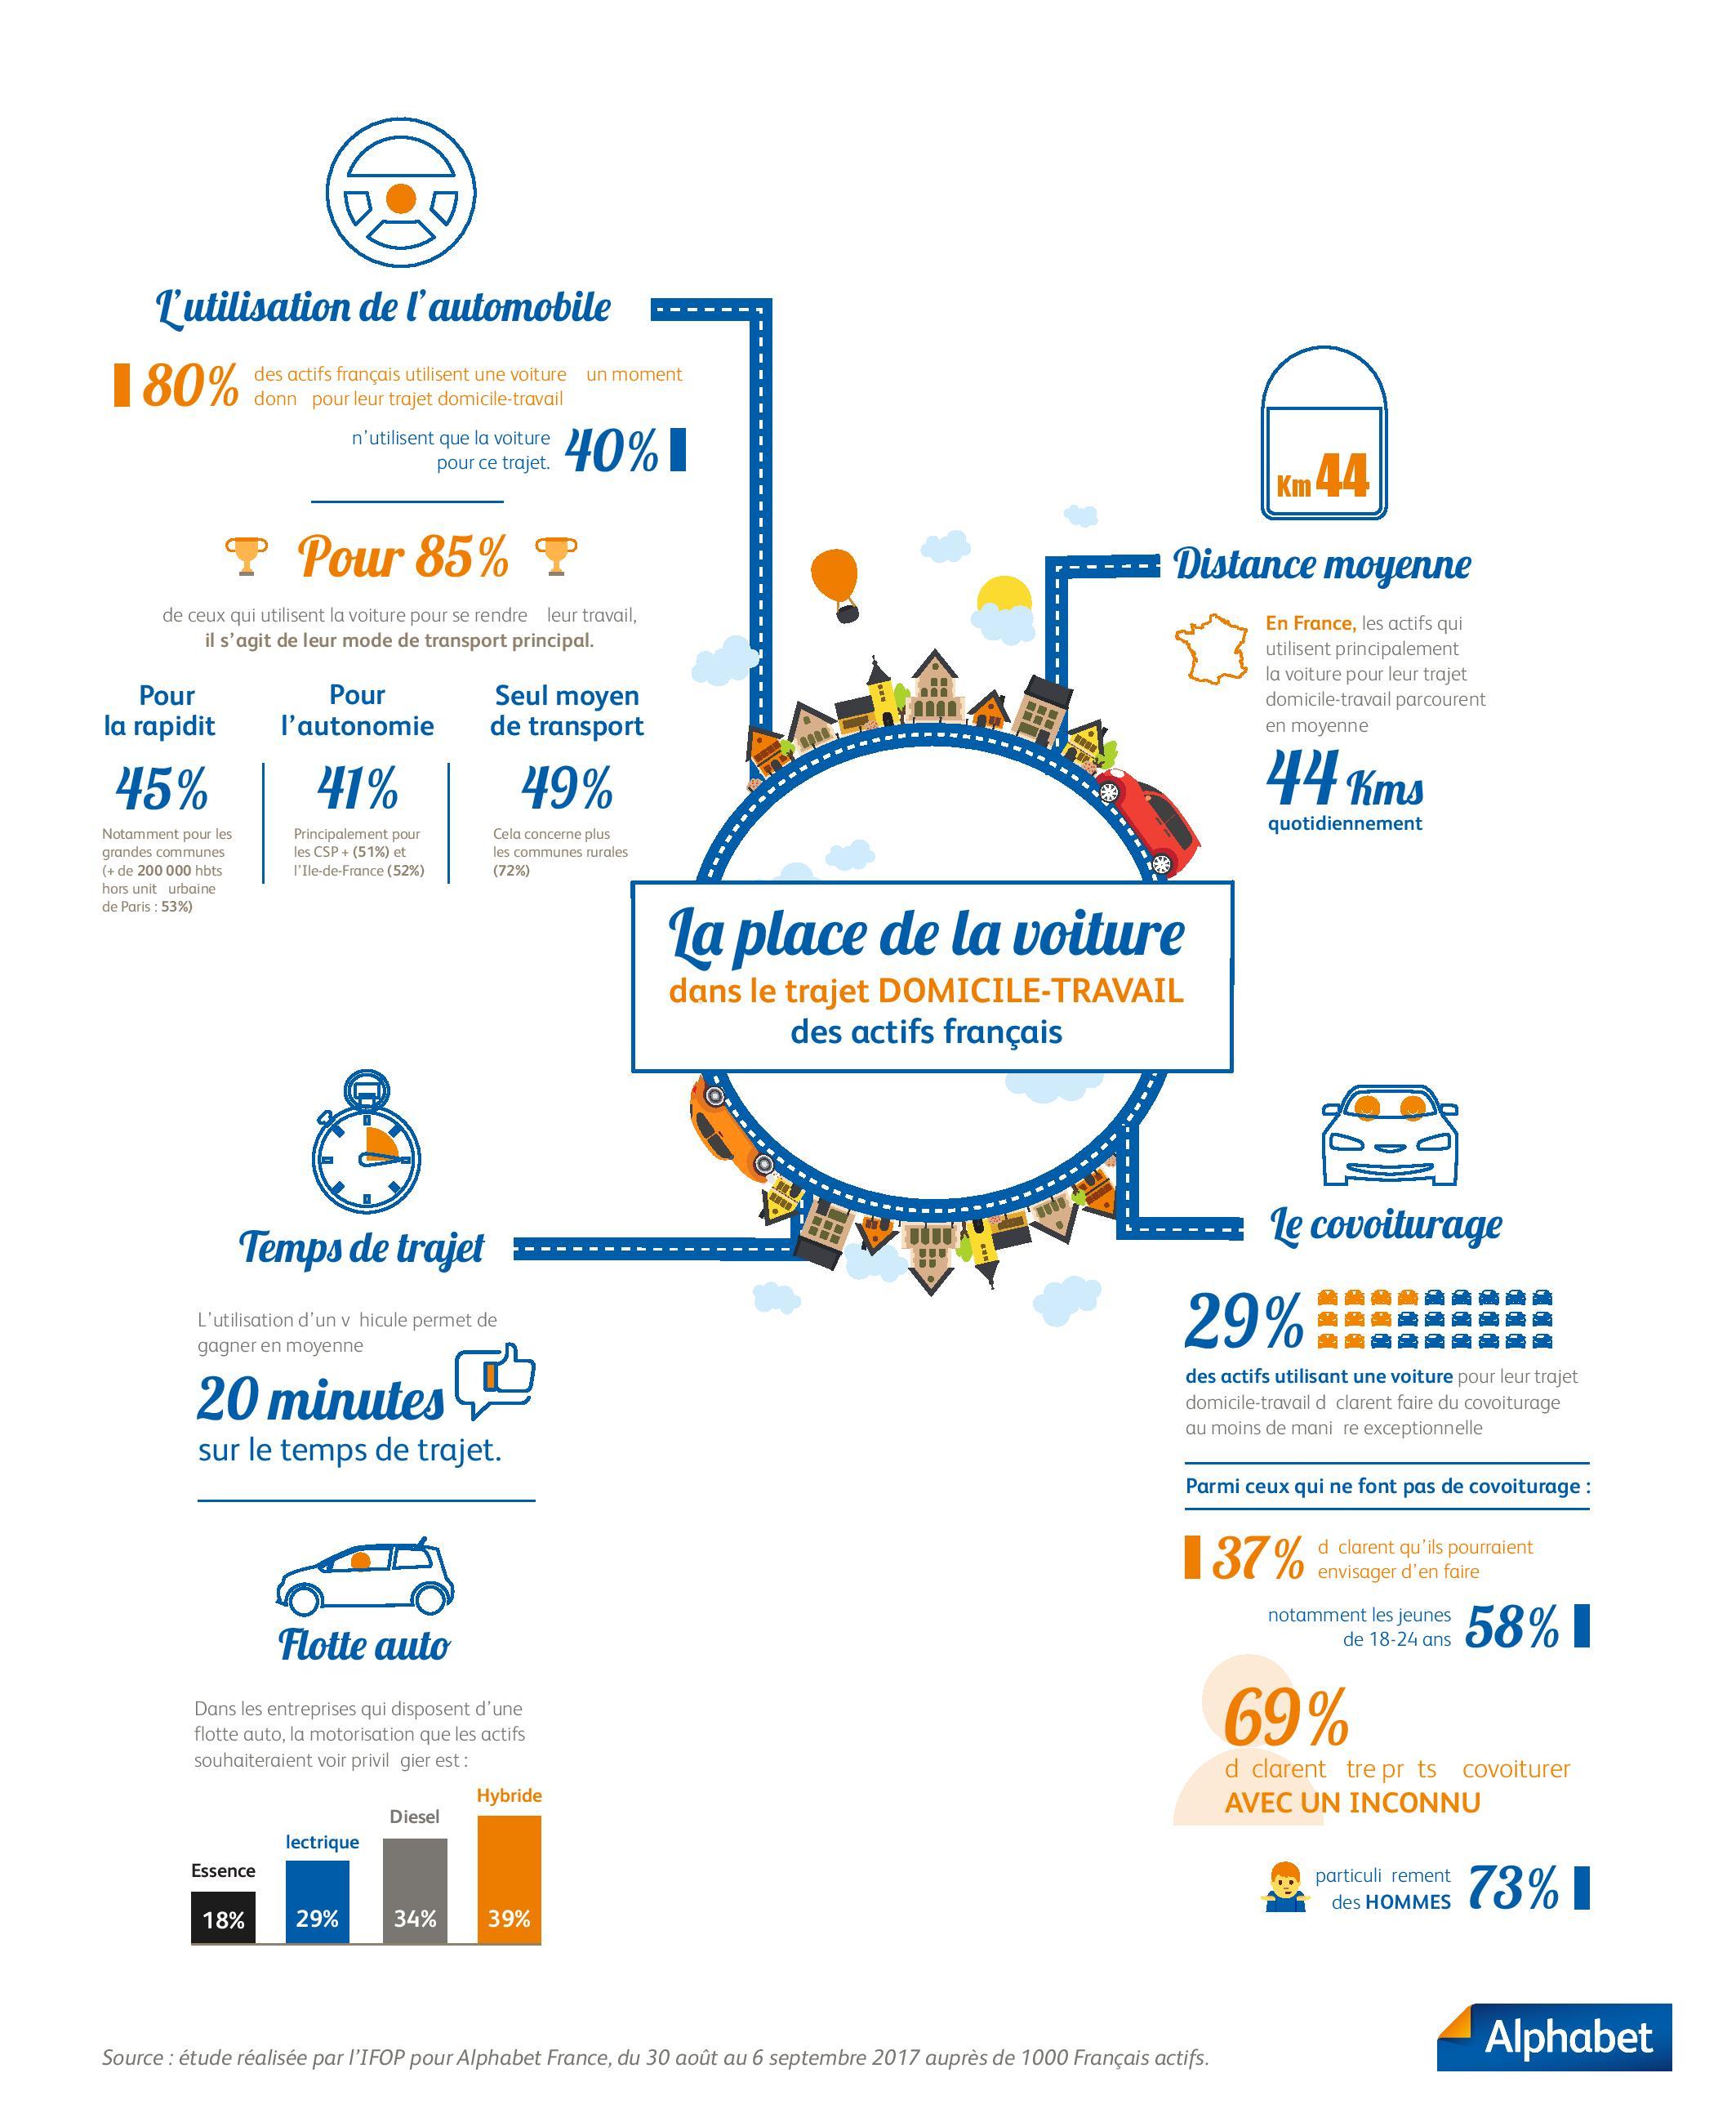 80% des actifs français utilisent leur voiture pour leur trajet domicile-travail